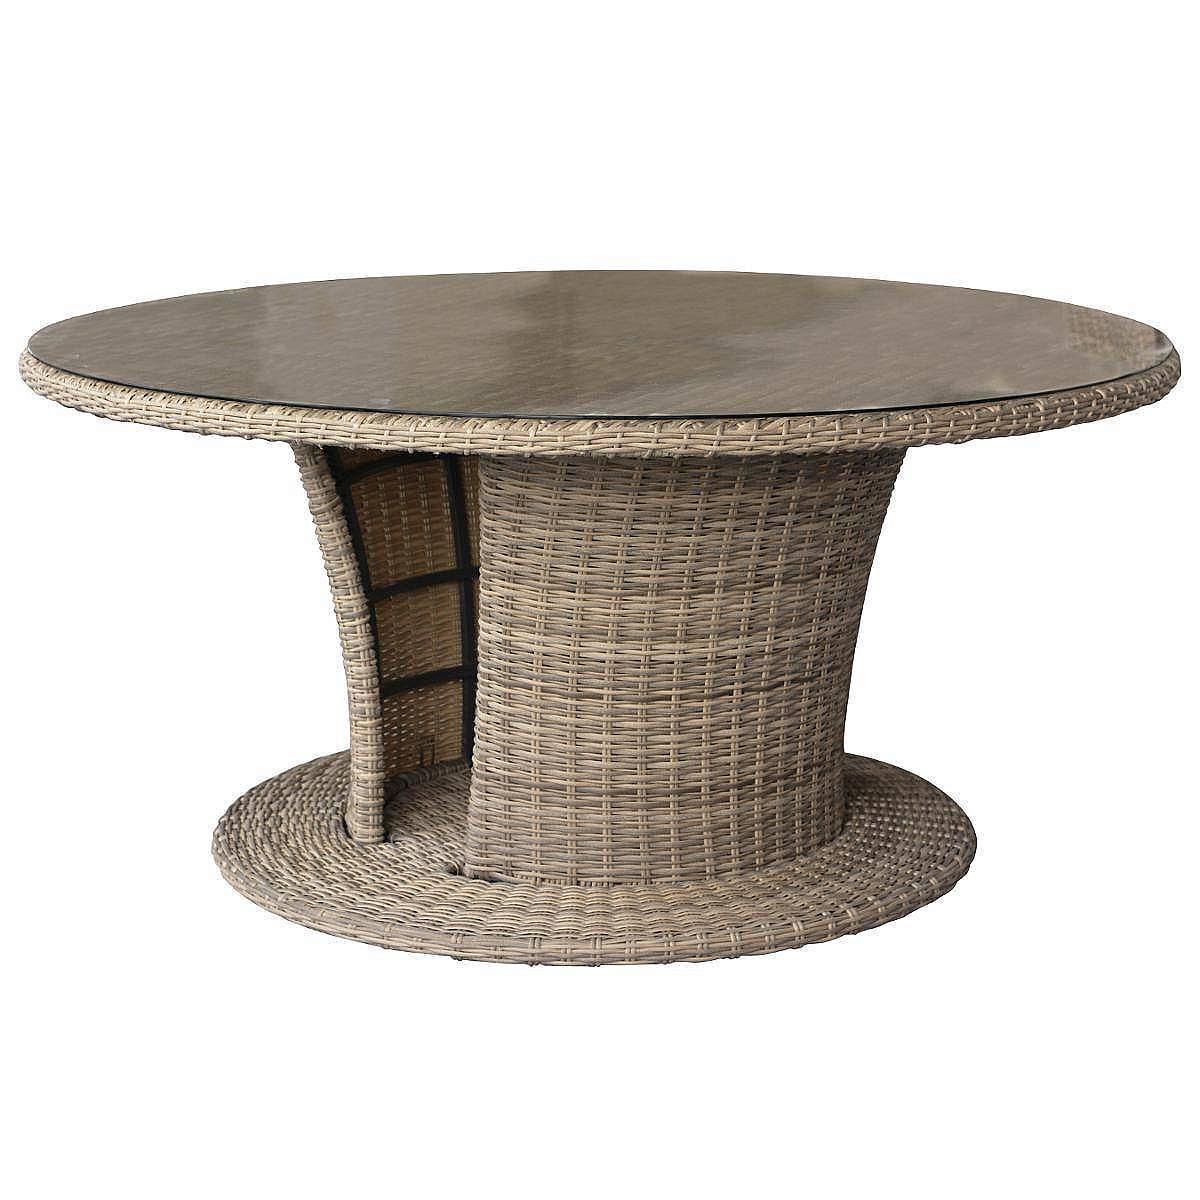 Ratanový stôl jedálenský BORNEO priemer 160 cm (hnedá)